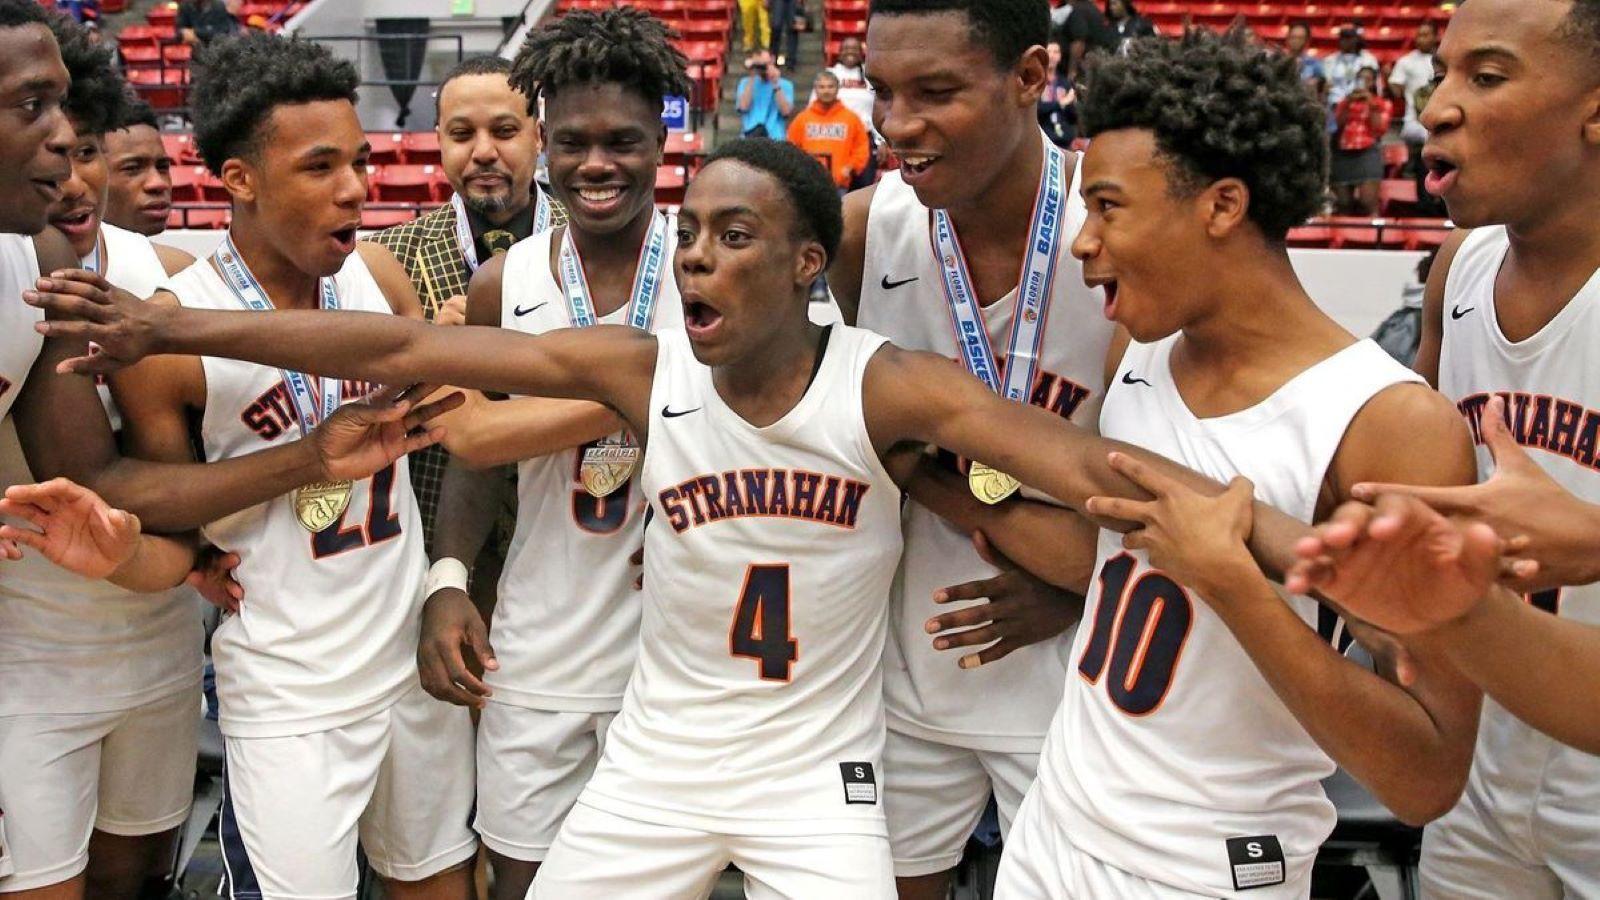 Stranaham basketball team